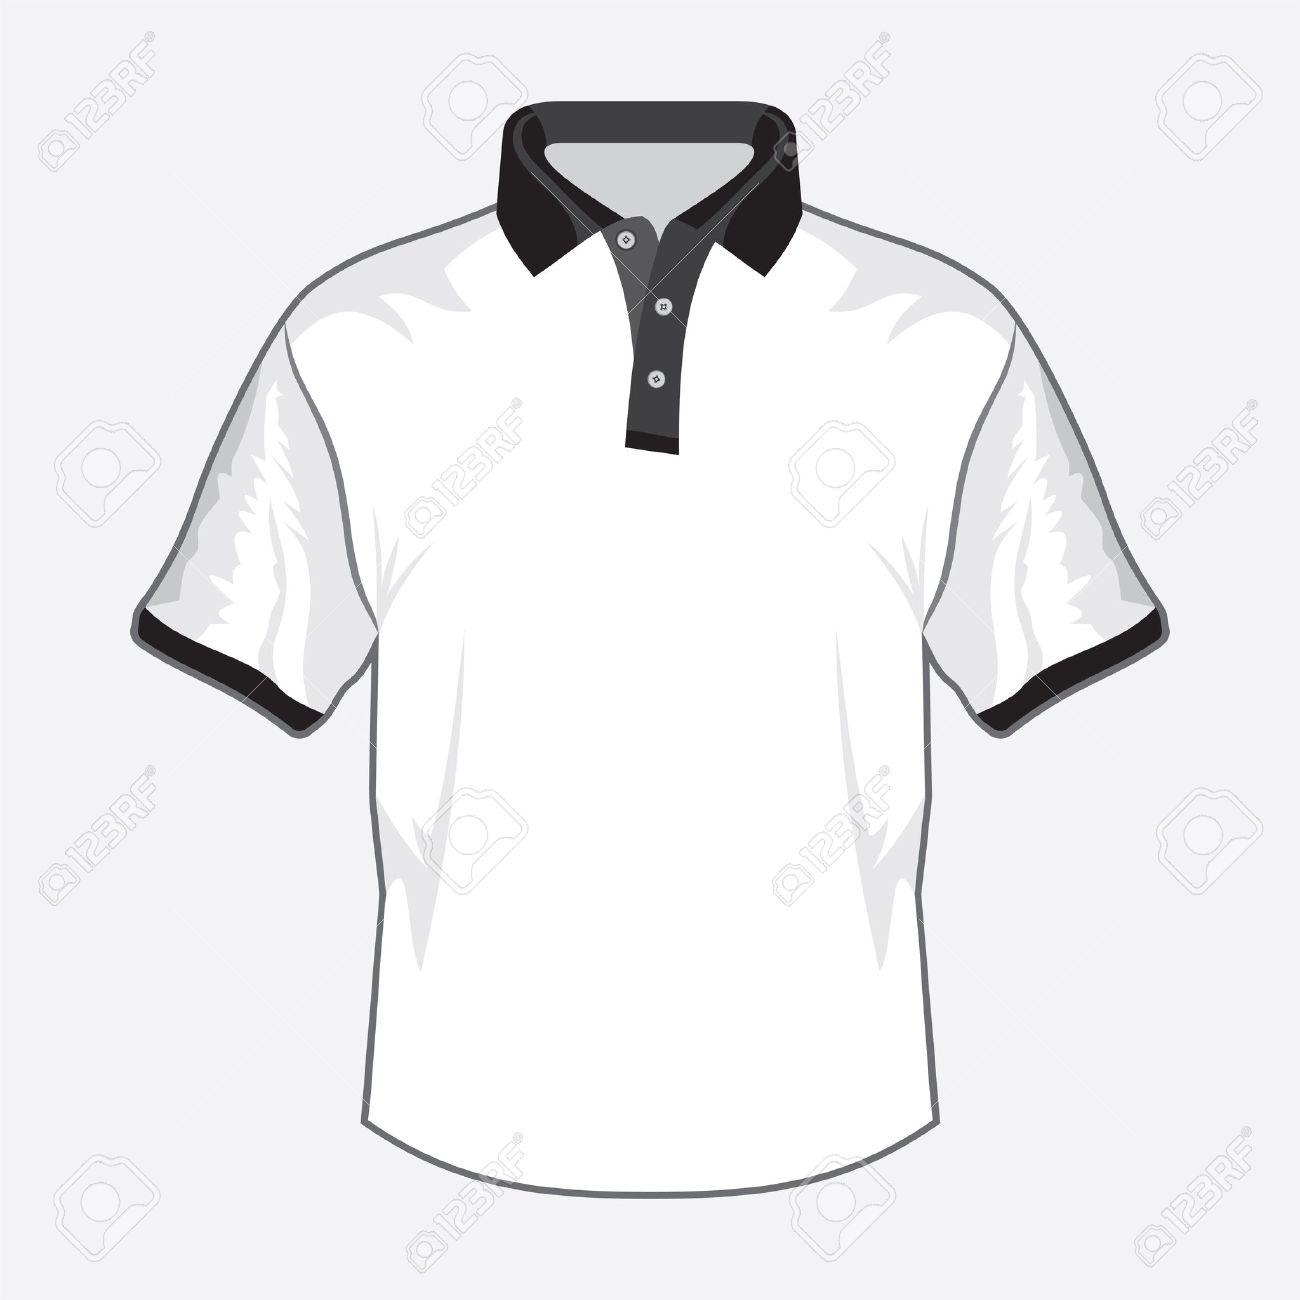 White polo shirt design with black collar Stock Vector - 18734097